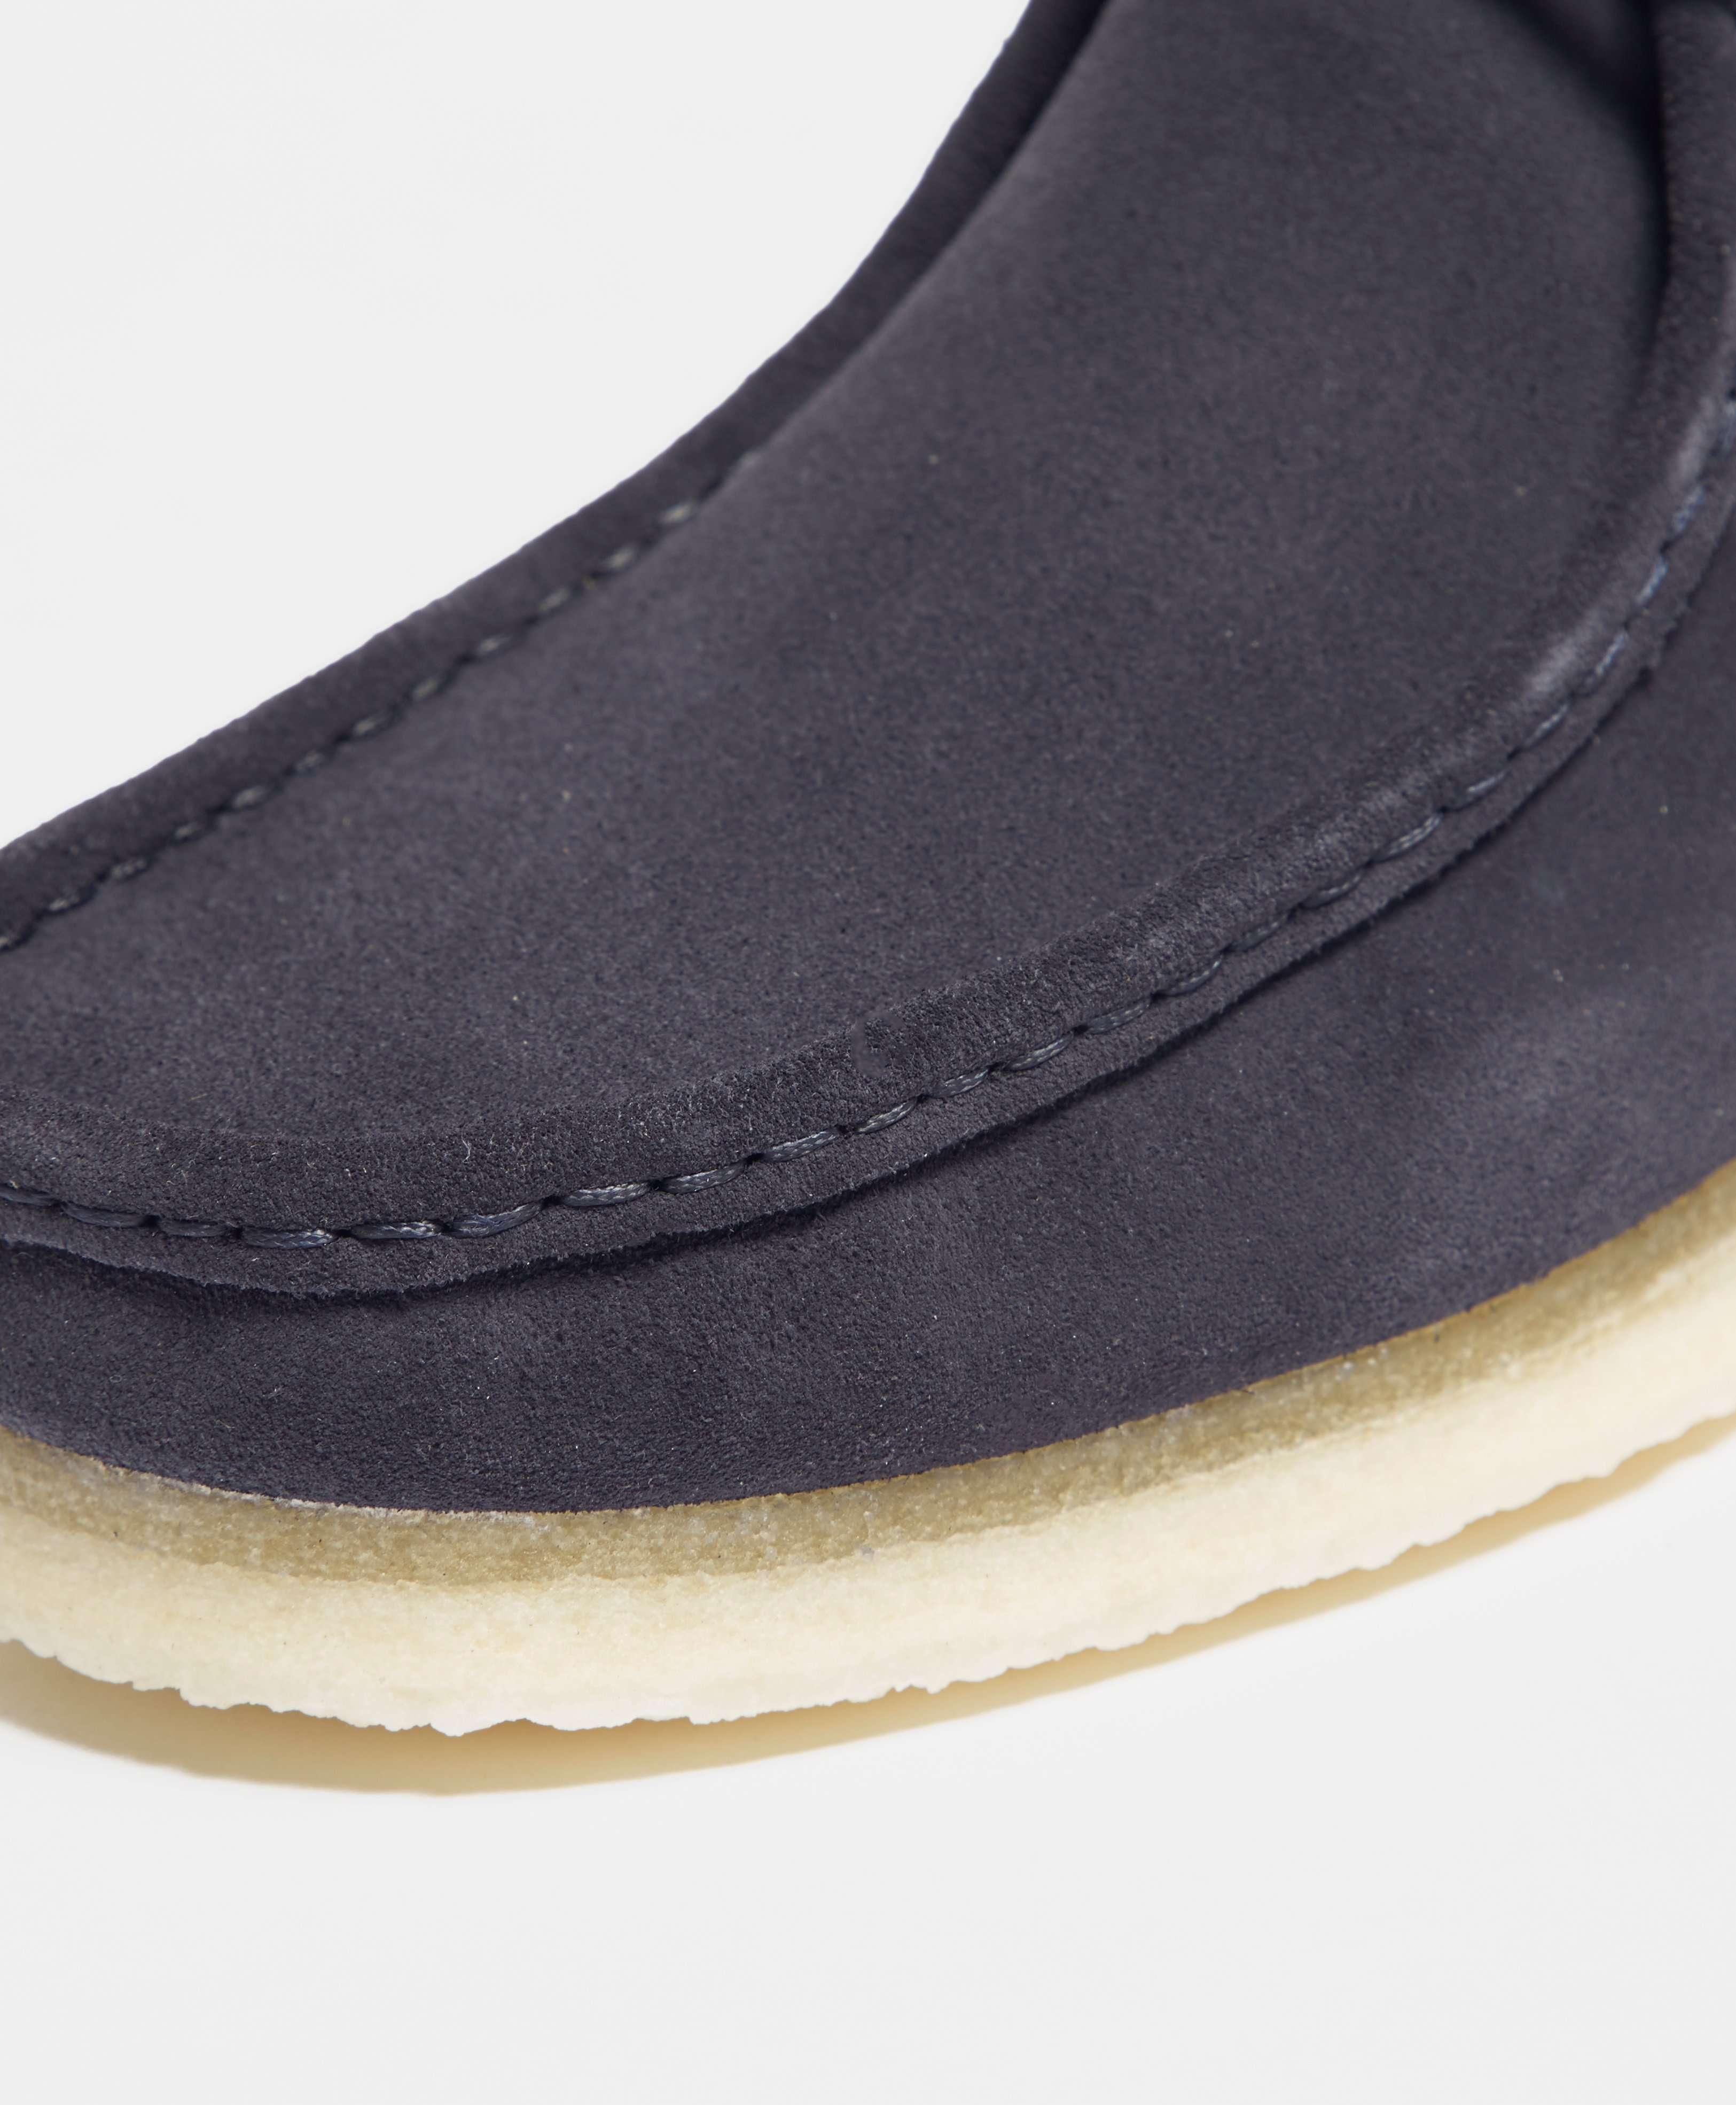 Clarks Originals Wallabee Suede Boot - Online Exclusive